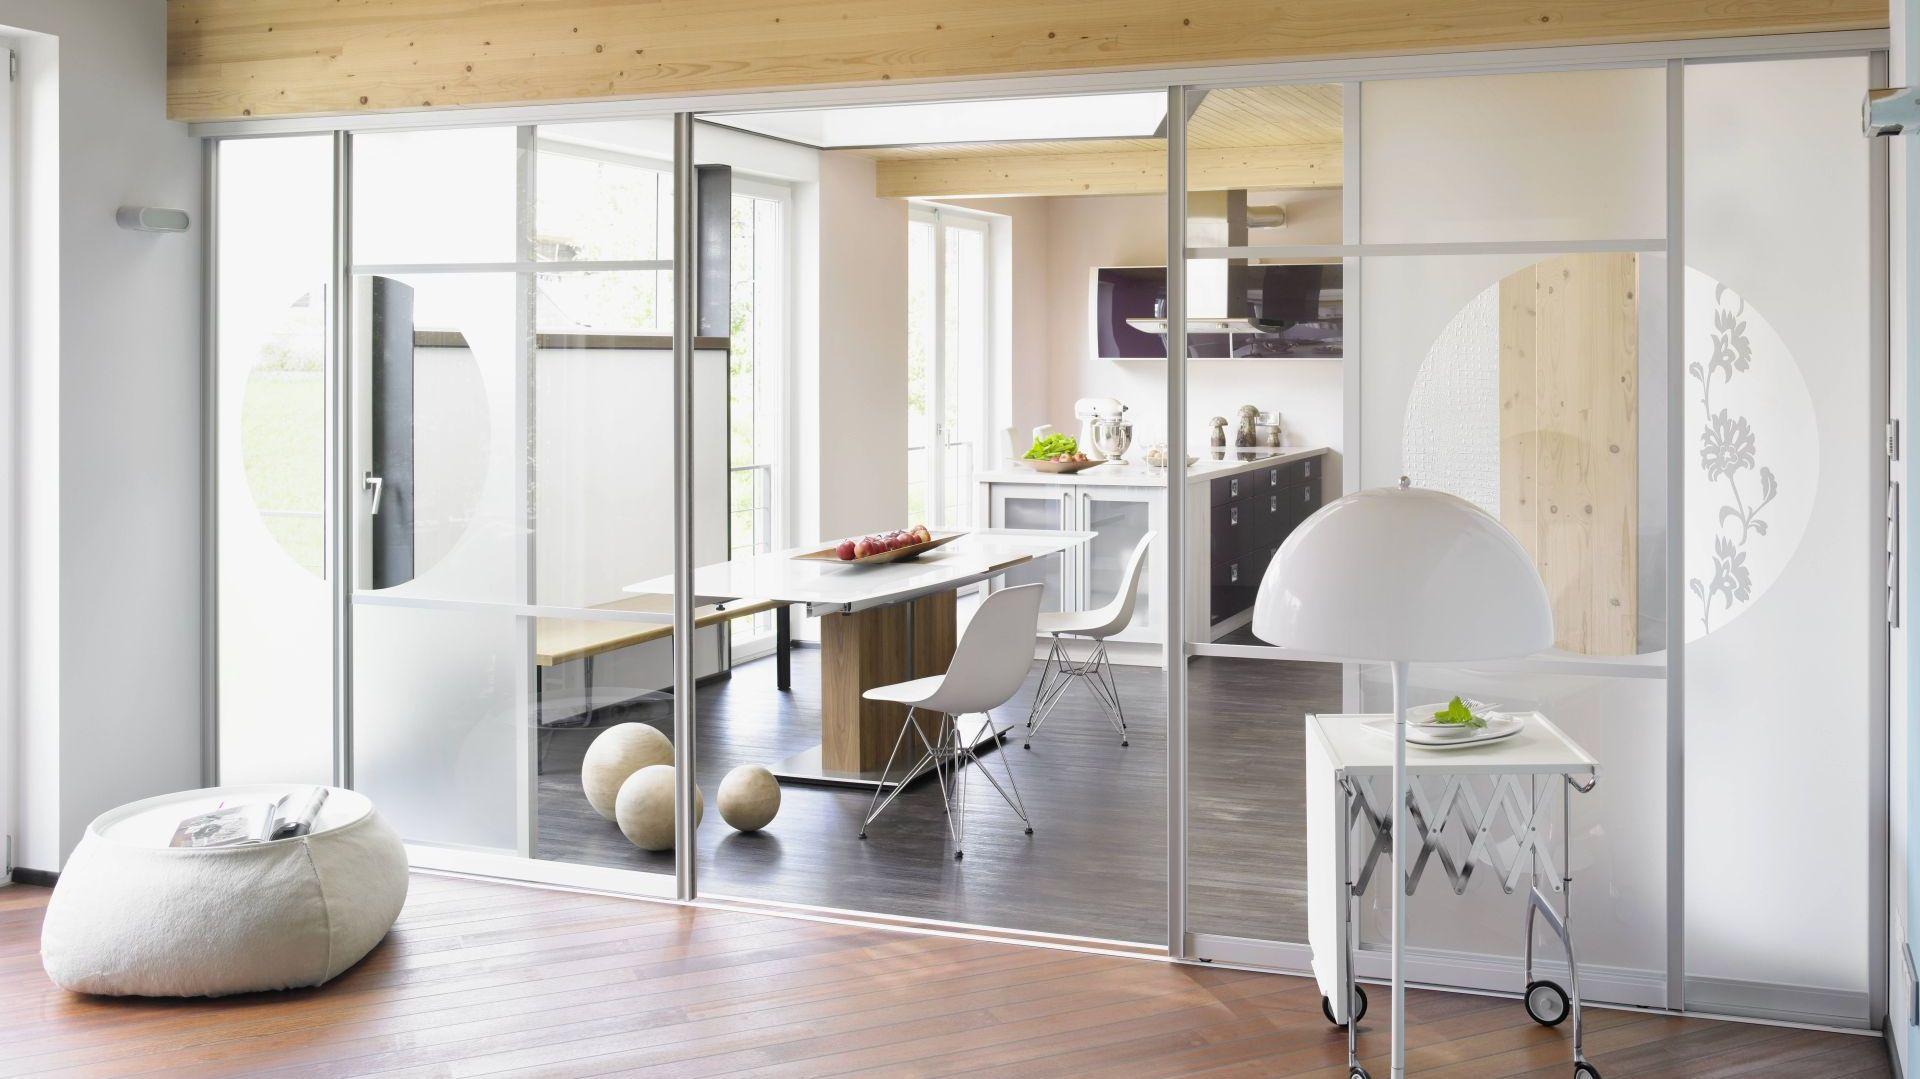 Łącząc salon z sypialnią za pomocą szklanych ścianek z drzwiami przesuwnymi możemy wprowadzić nieco oddechu do poszatkowanego ścianami i niedoświetlonego wnętrza. Fot. Raumplus